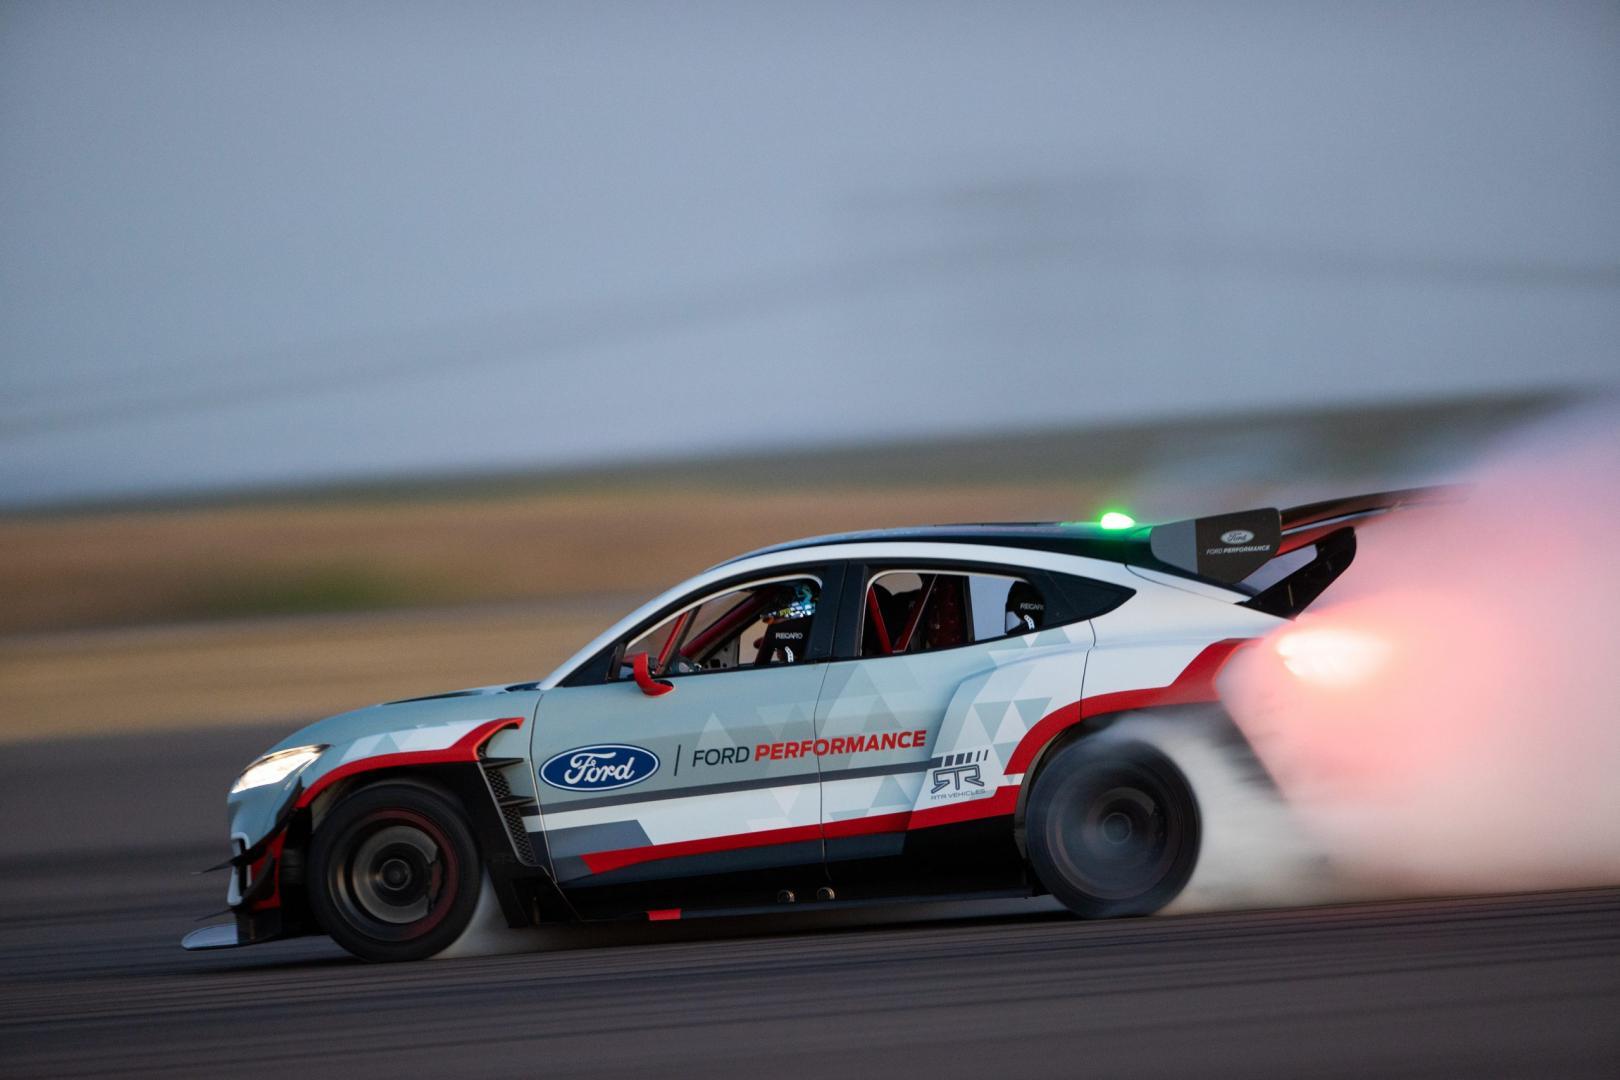 Ford Mustang Mach-E 1400 drift rook